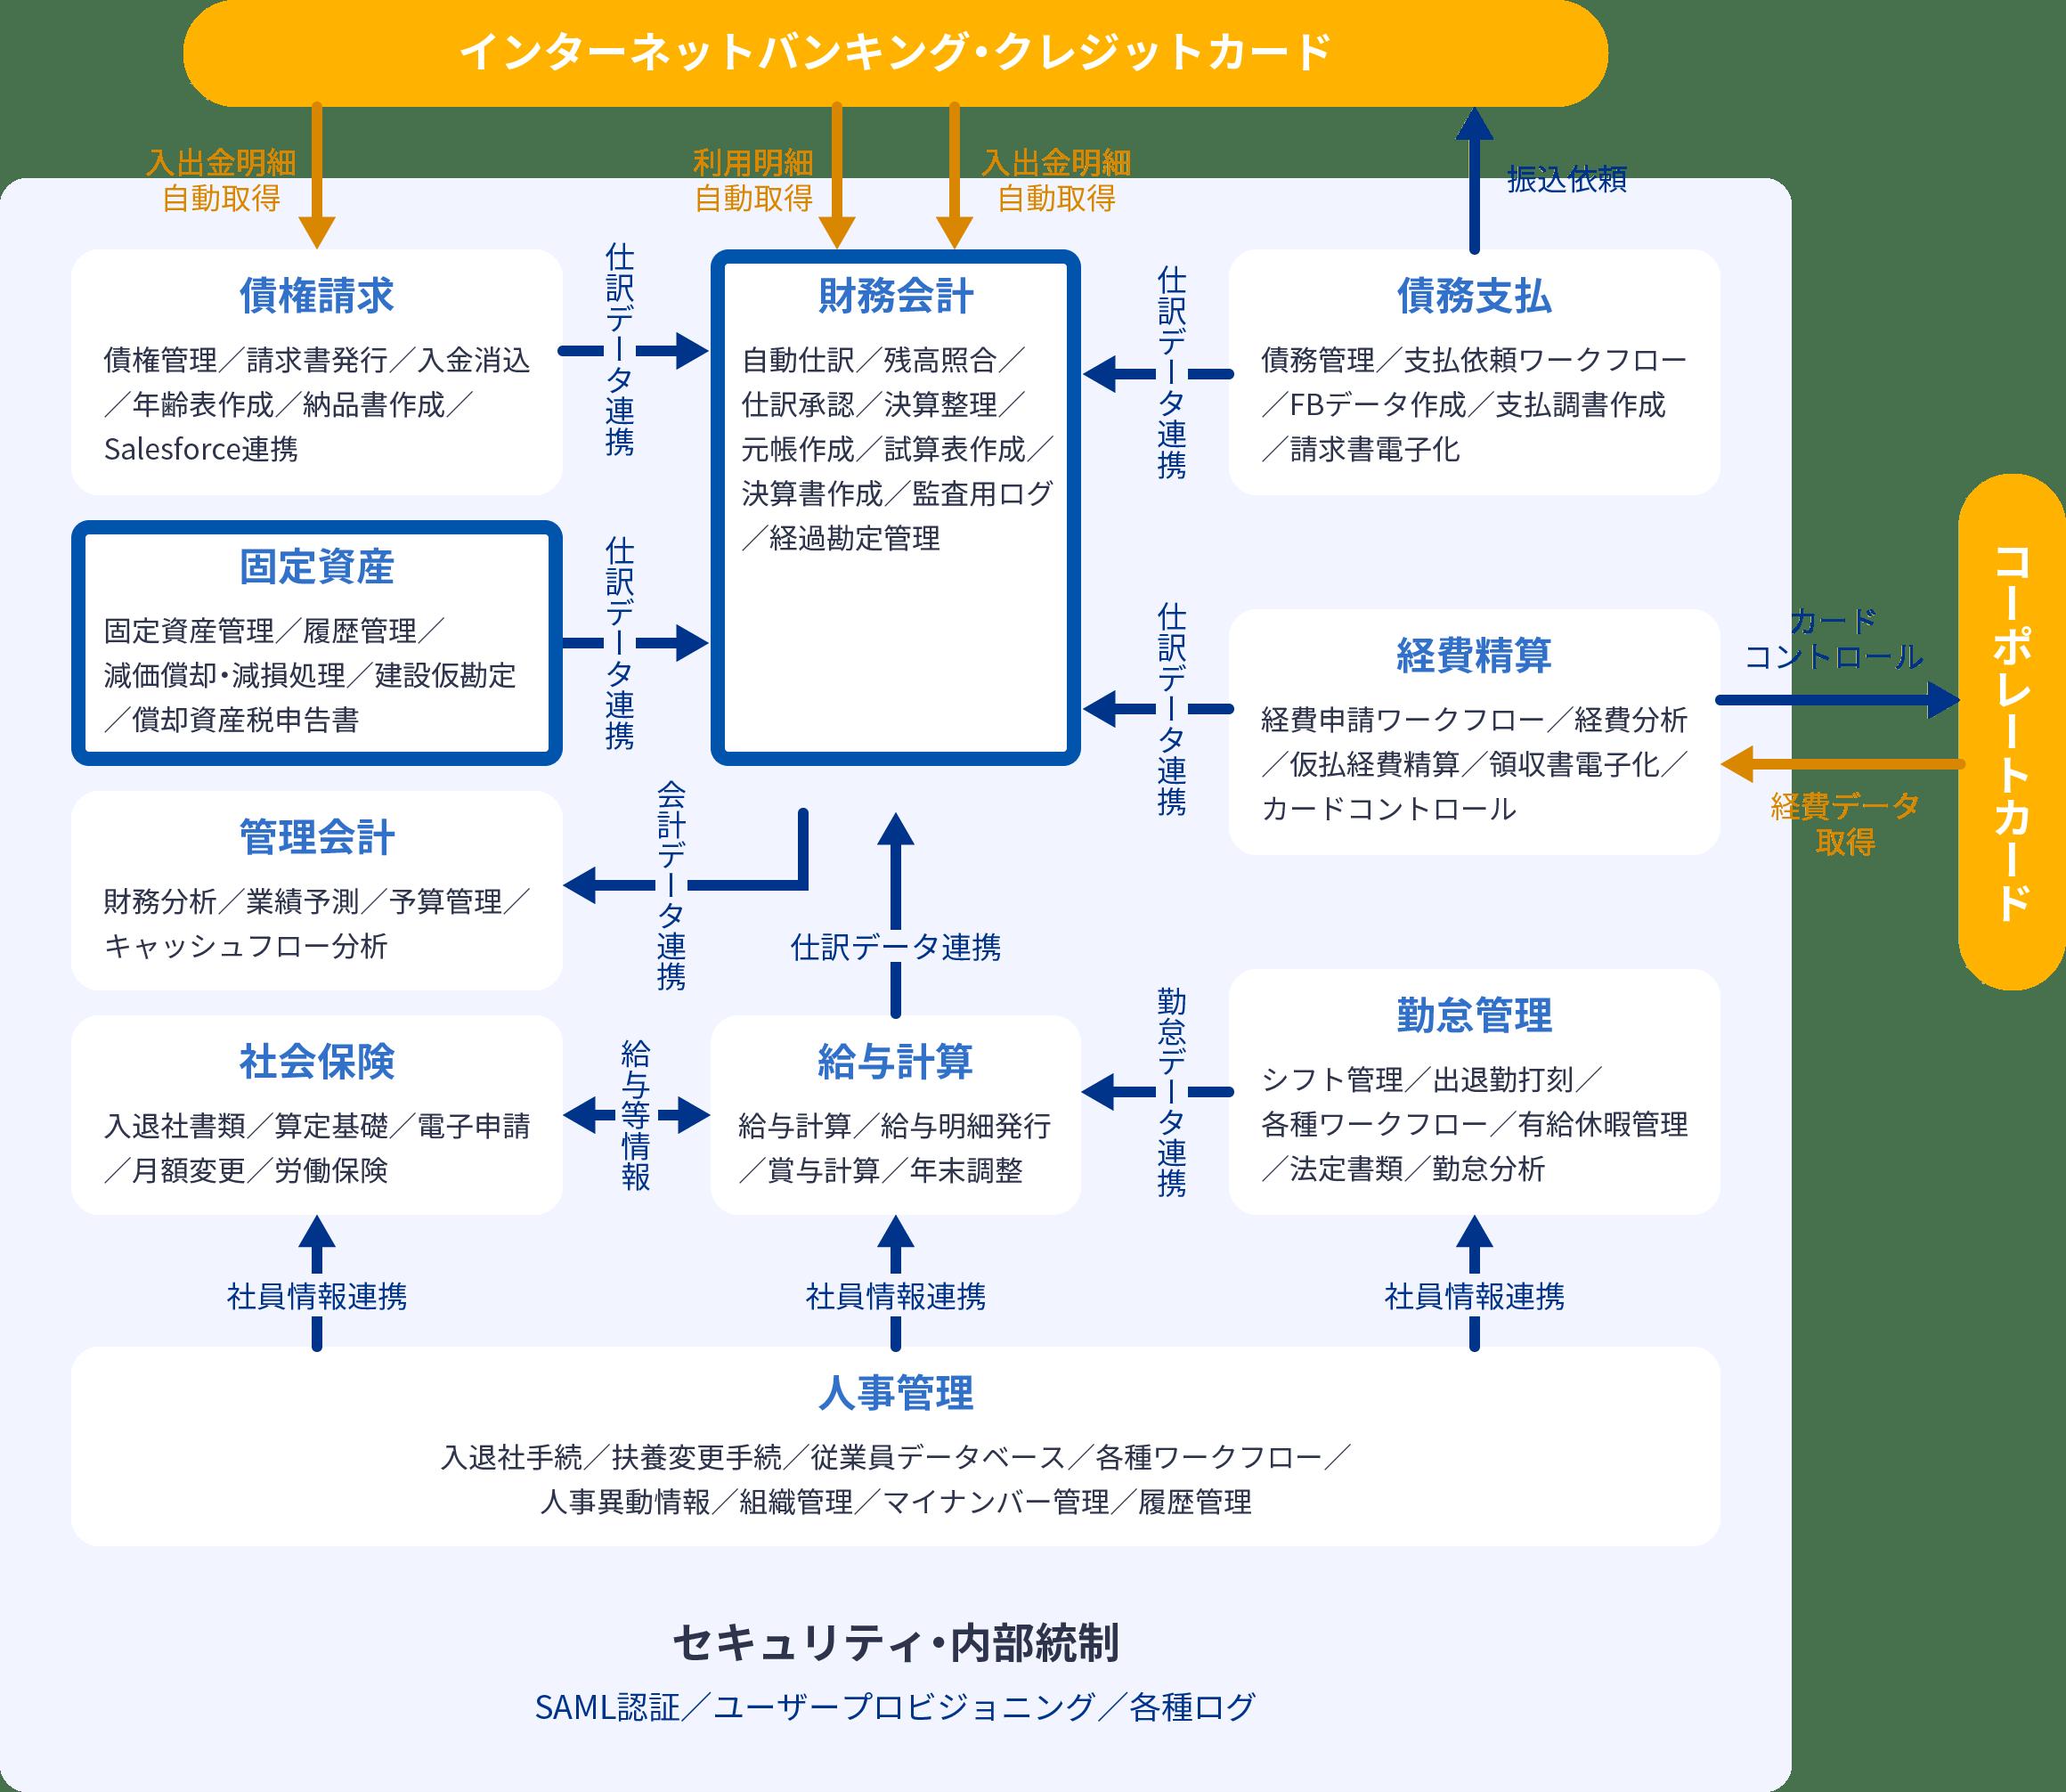 マネーフォワード クラウド固定資産のサービス連携図